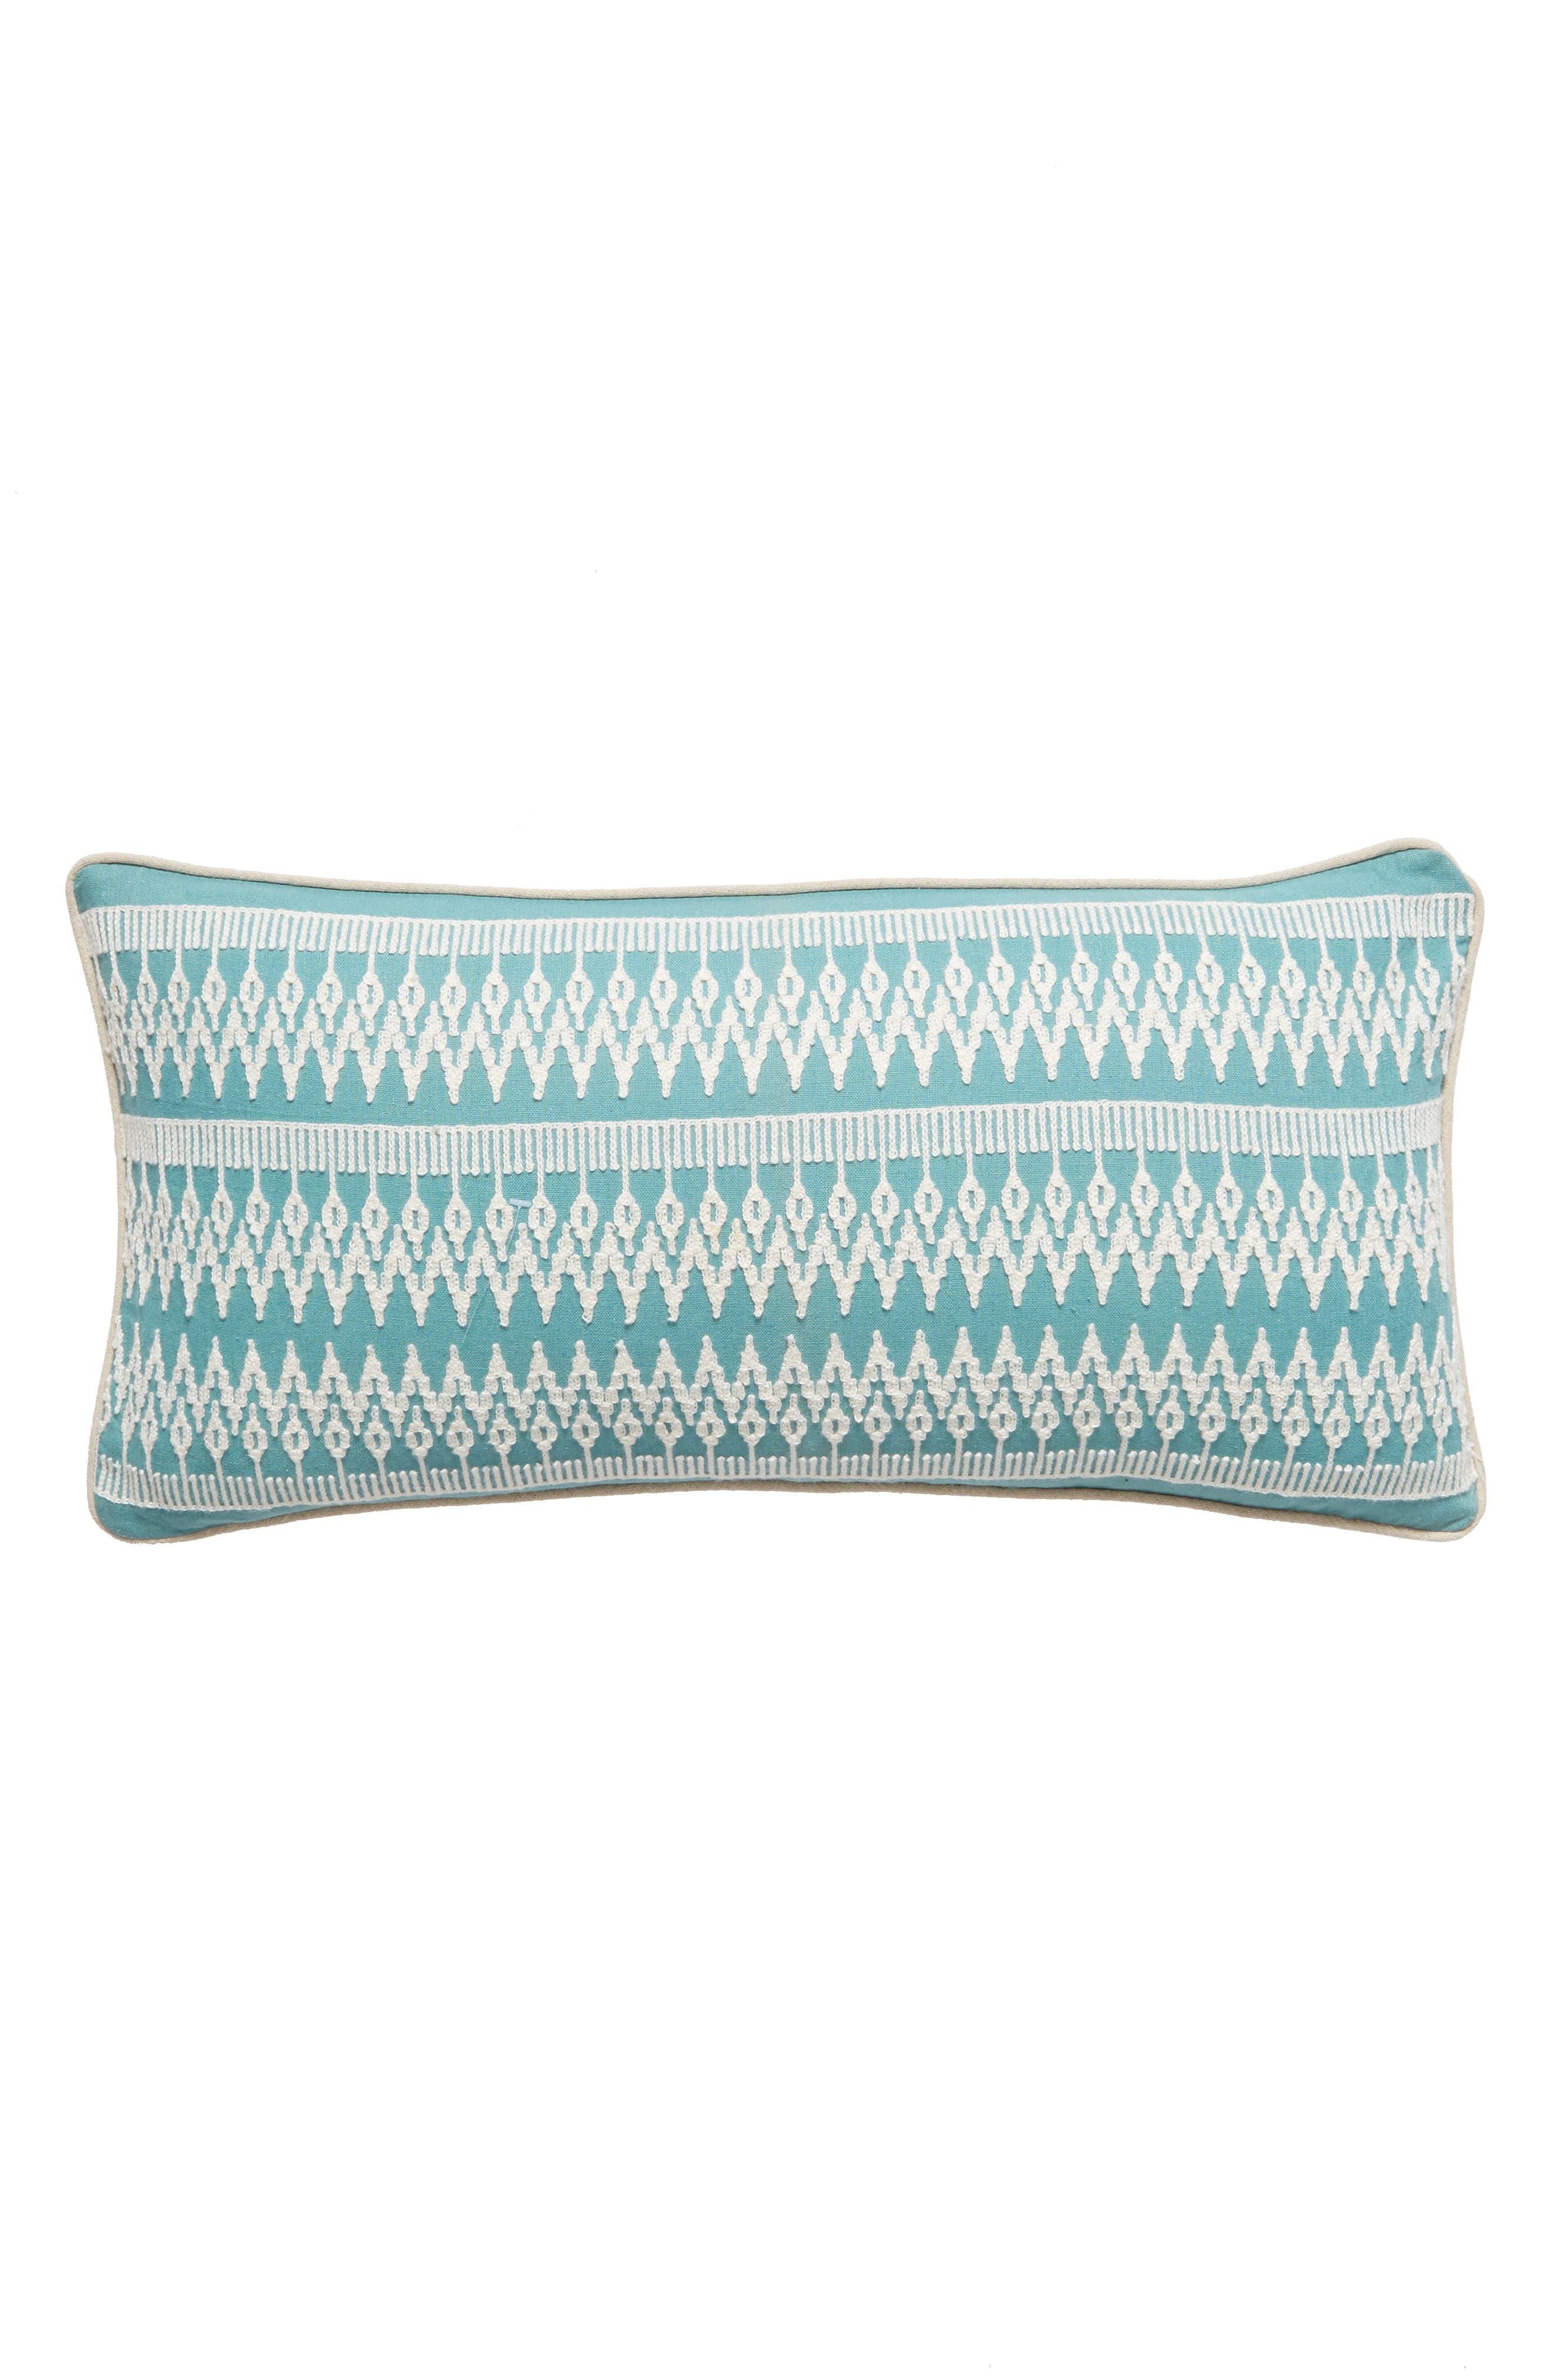 Levtex Carla Accent Pillow